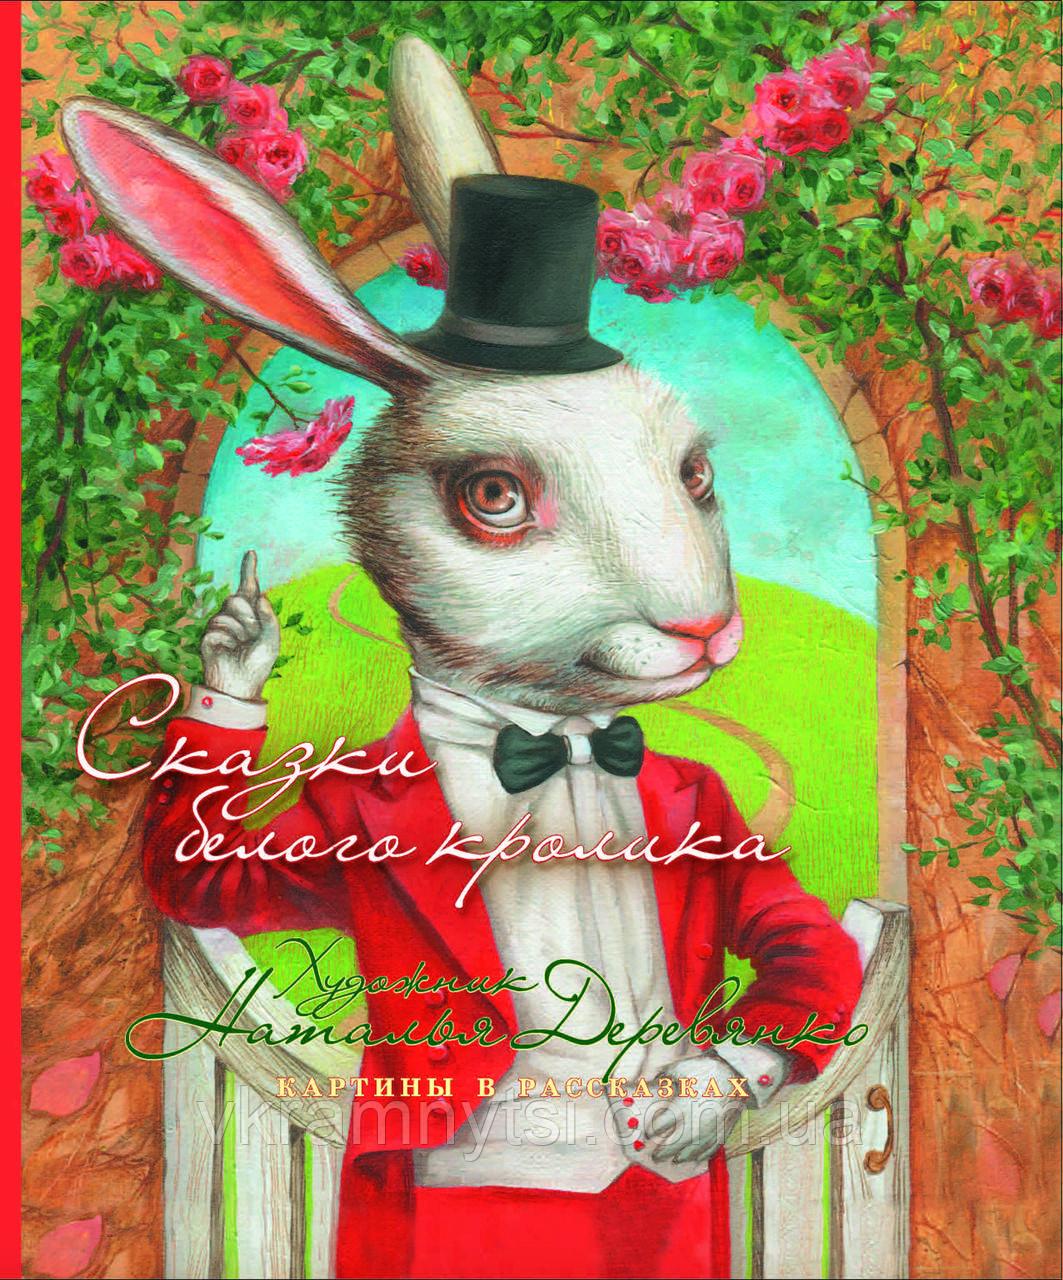 Сказки белого кролика